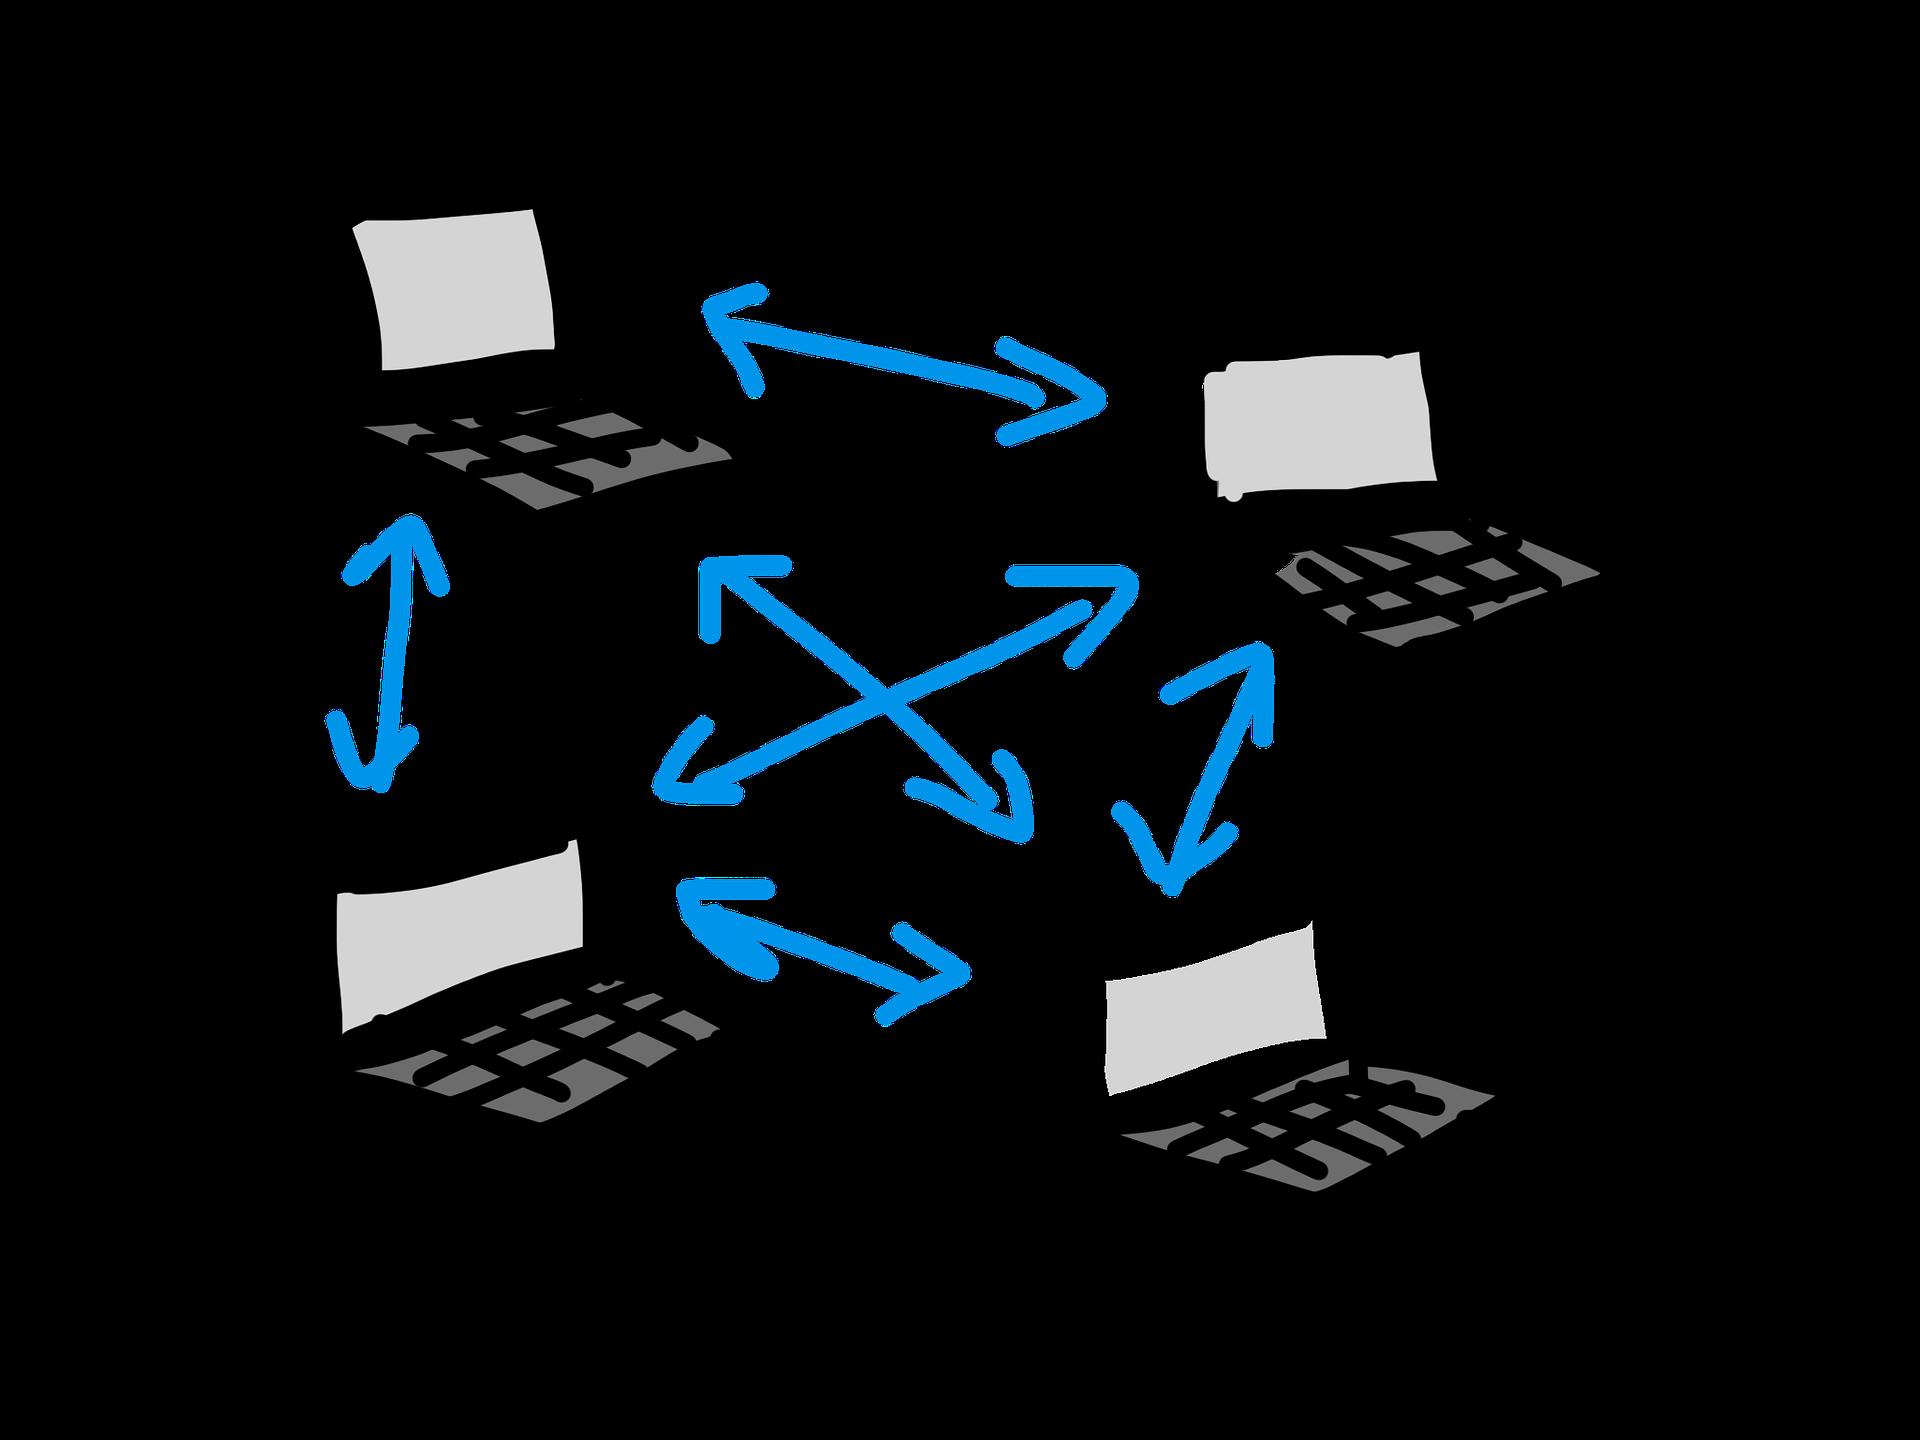 network peering